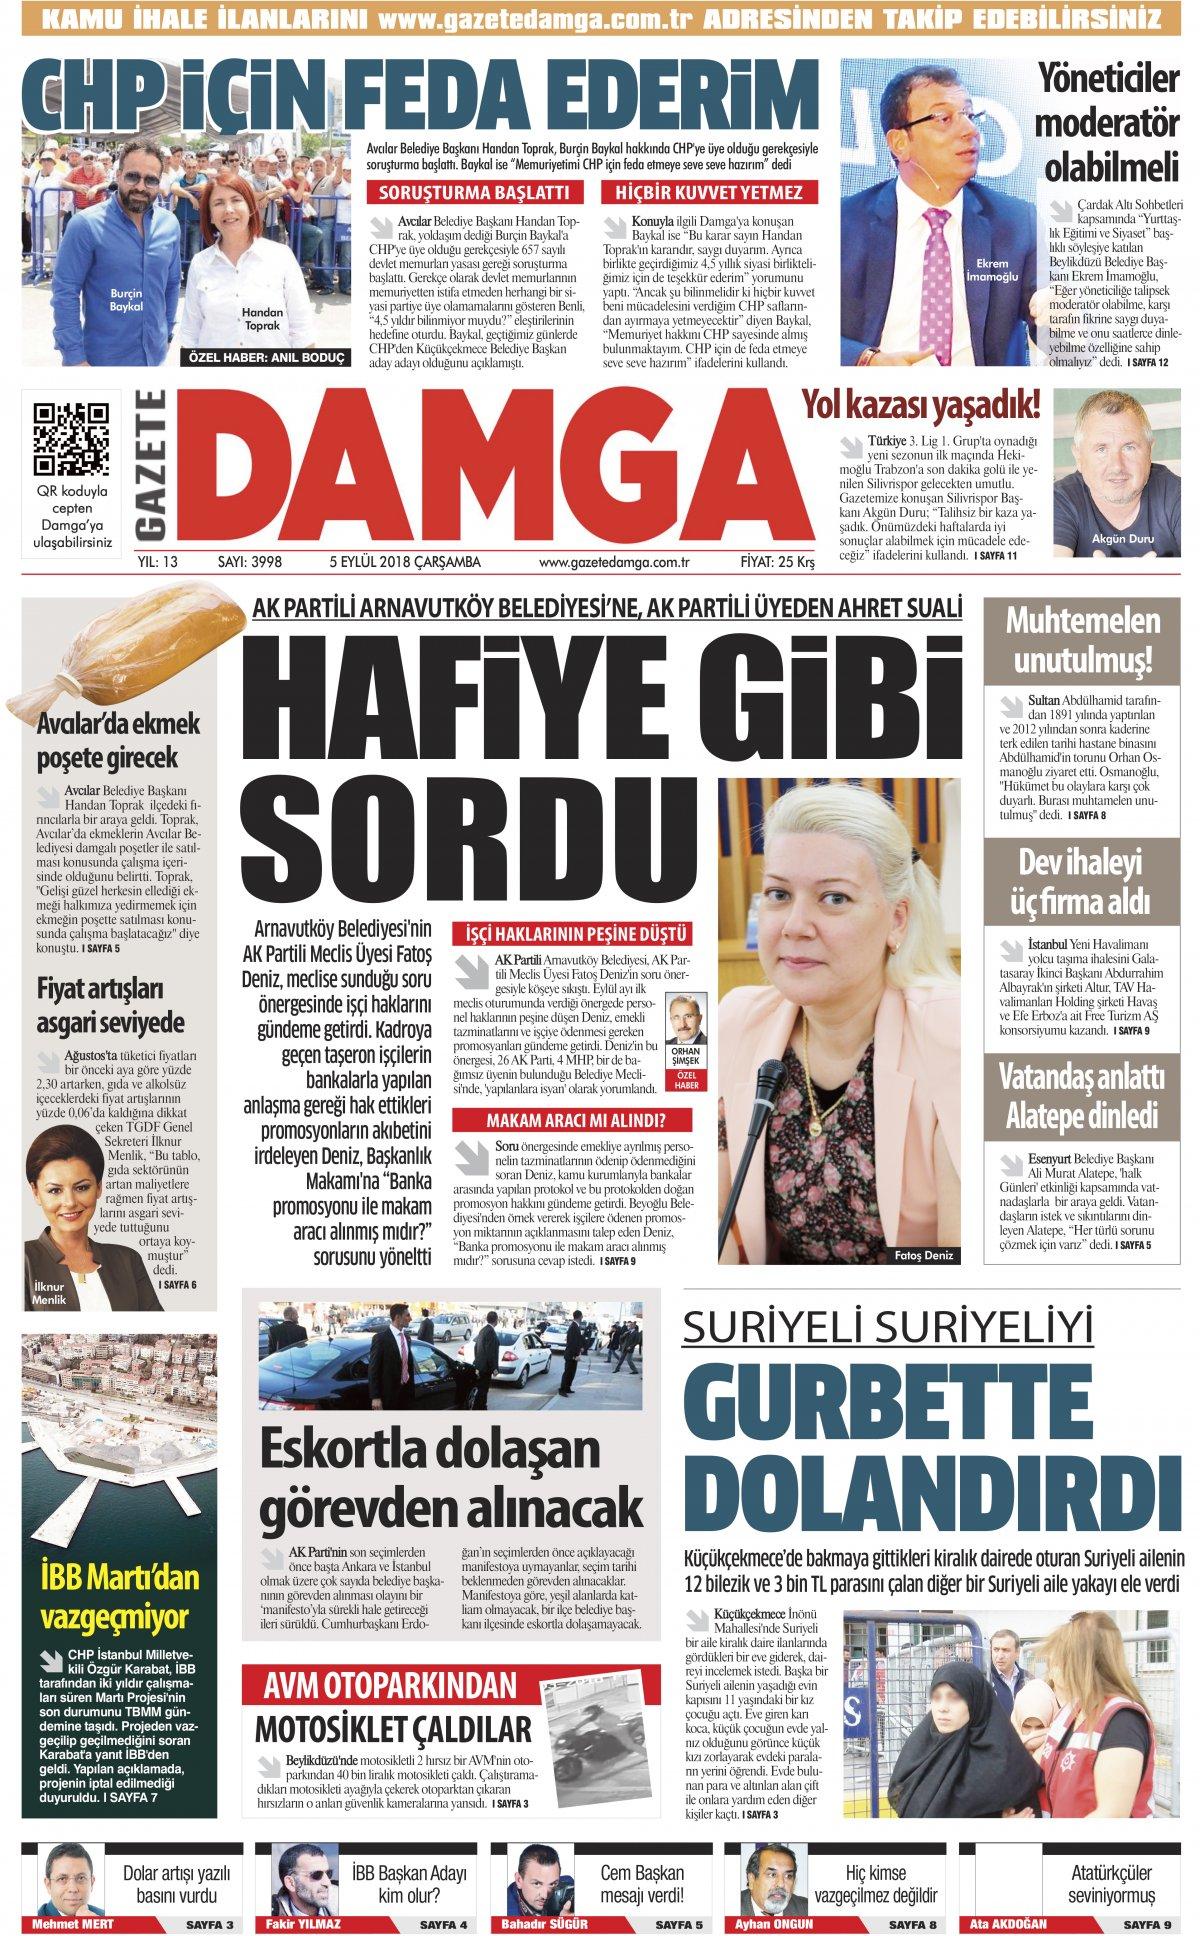 Gazete Damga - 05.09.2018 Manşeti